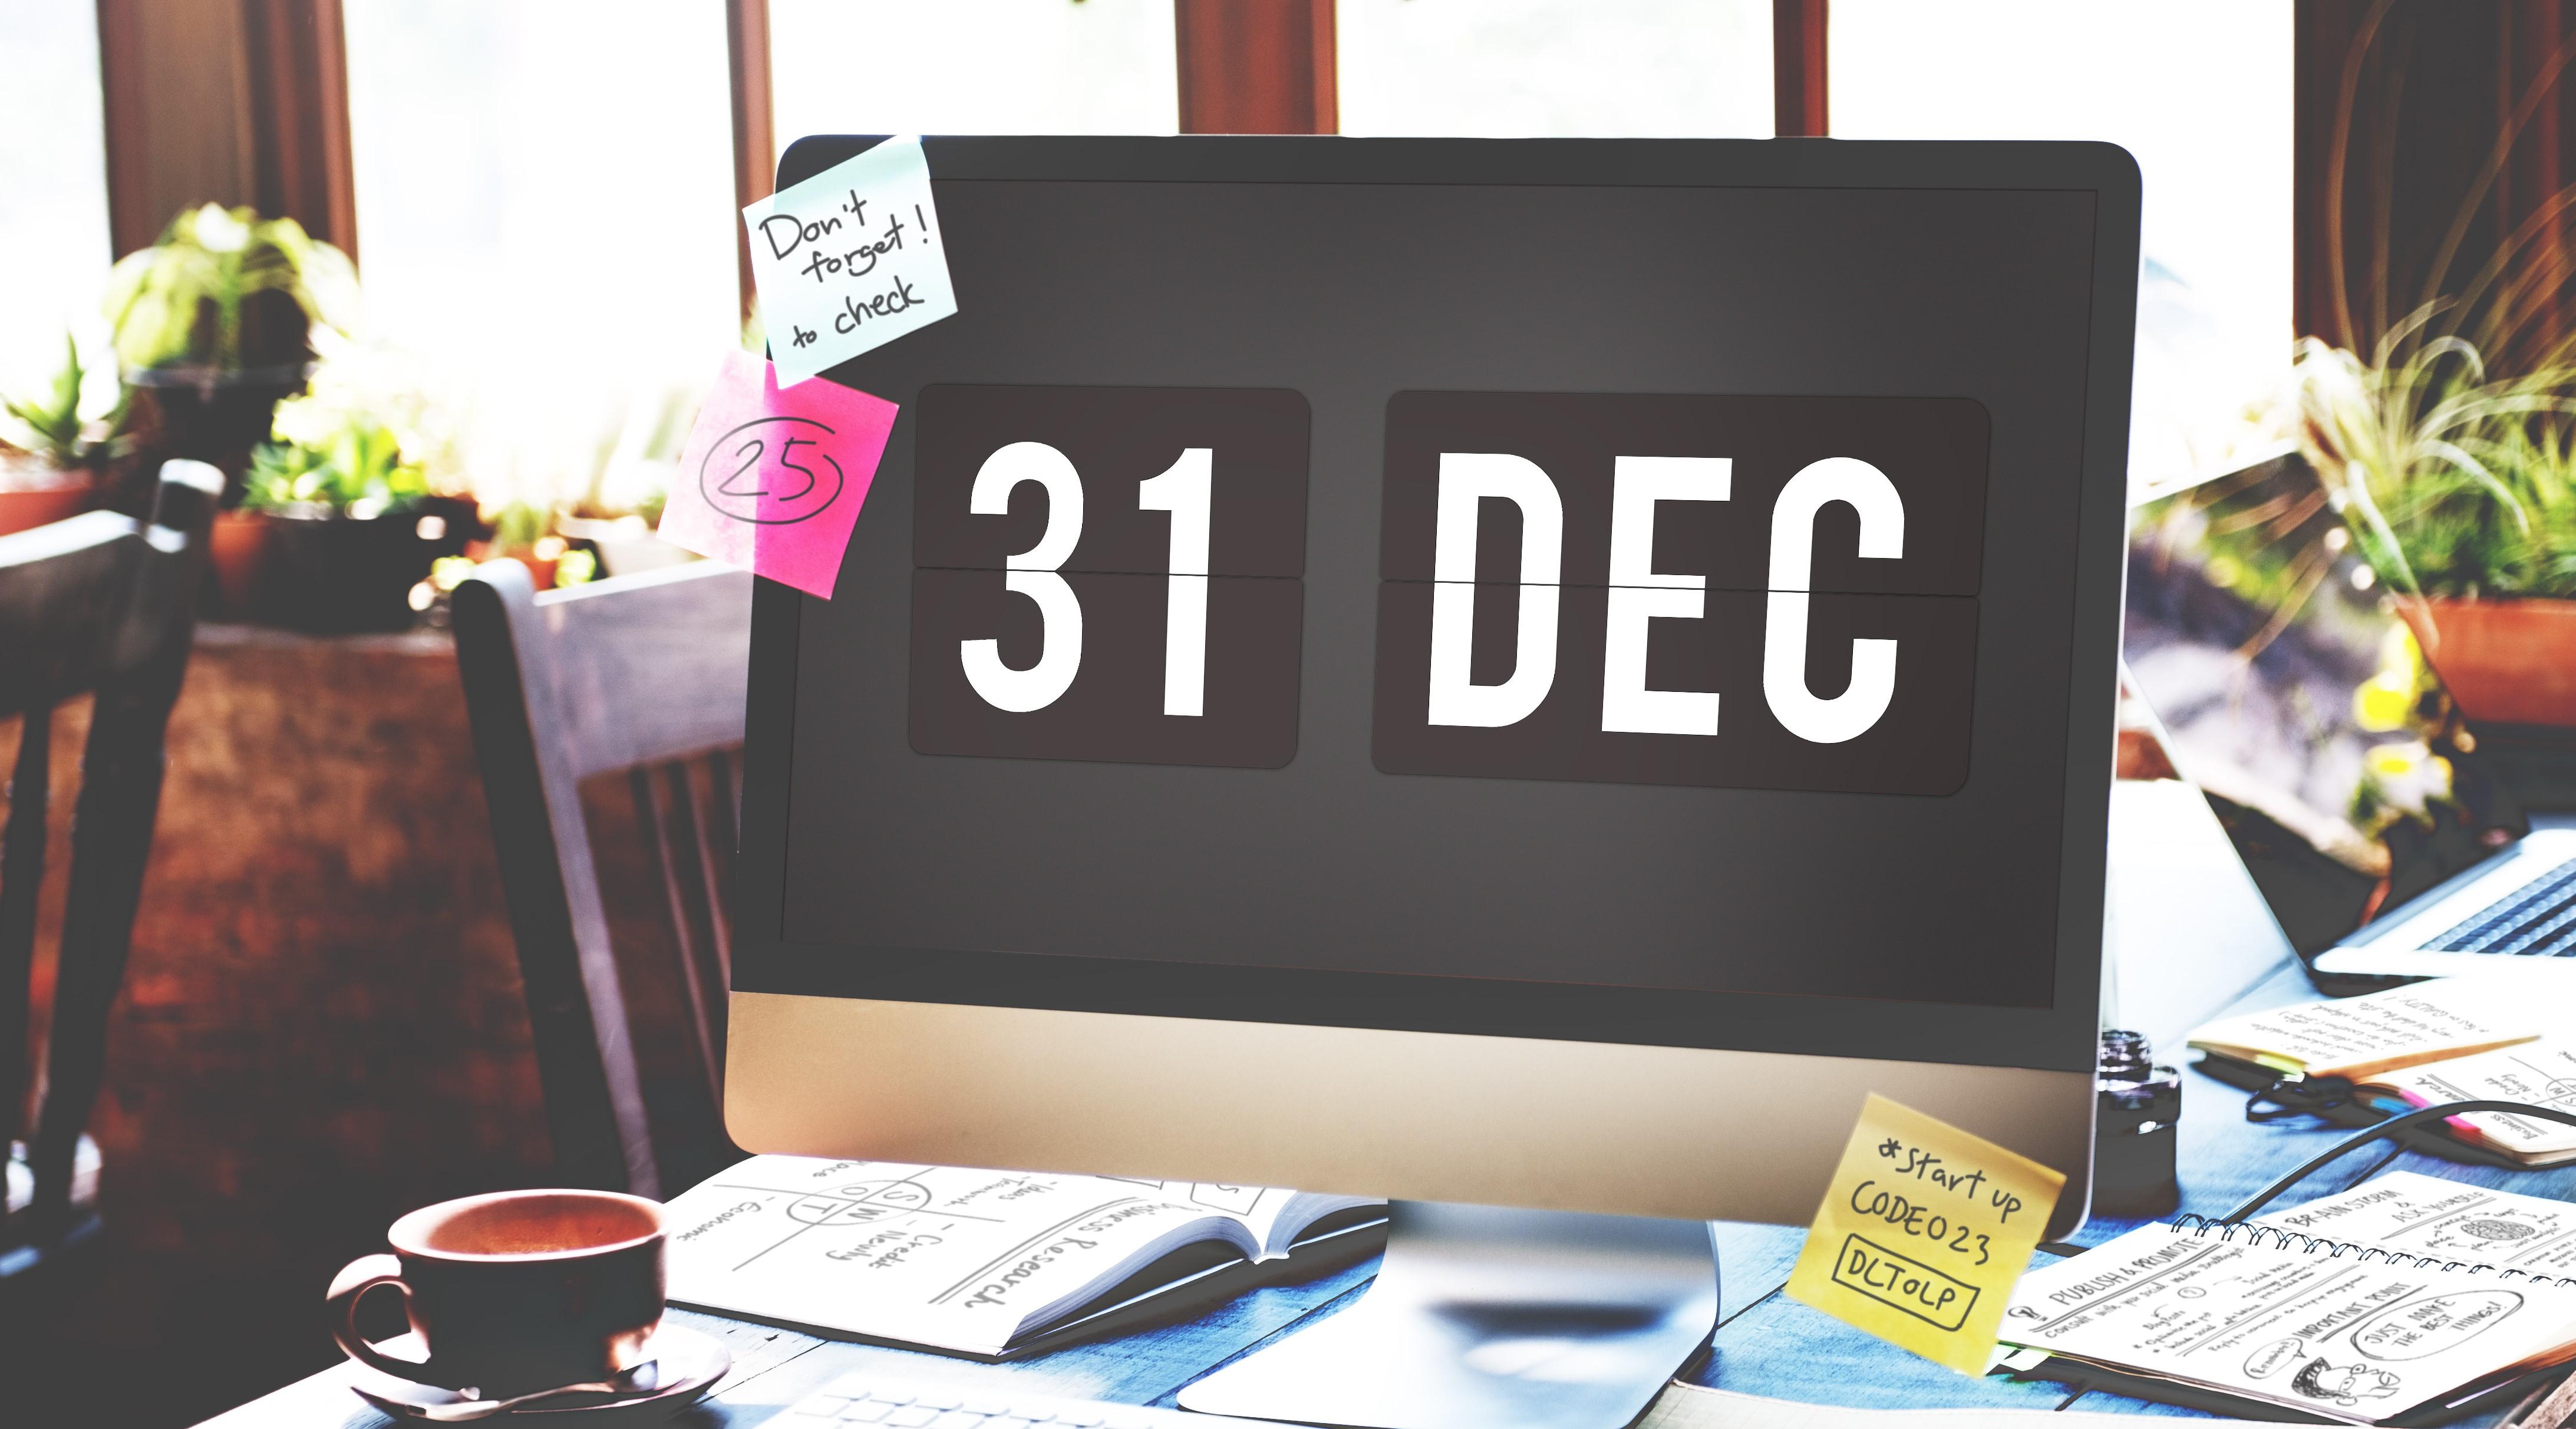 Amelkis sera fermé les 24 et 31 décembre 2020.